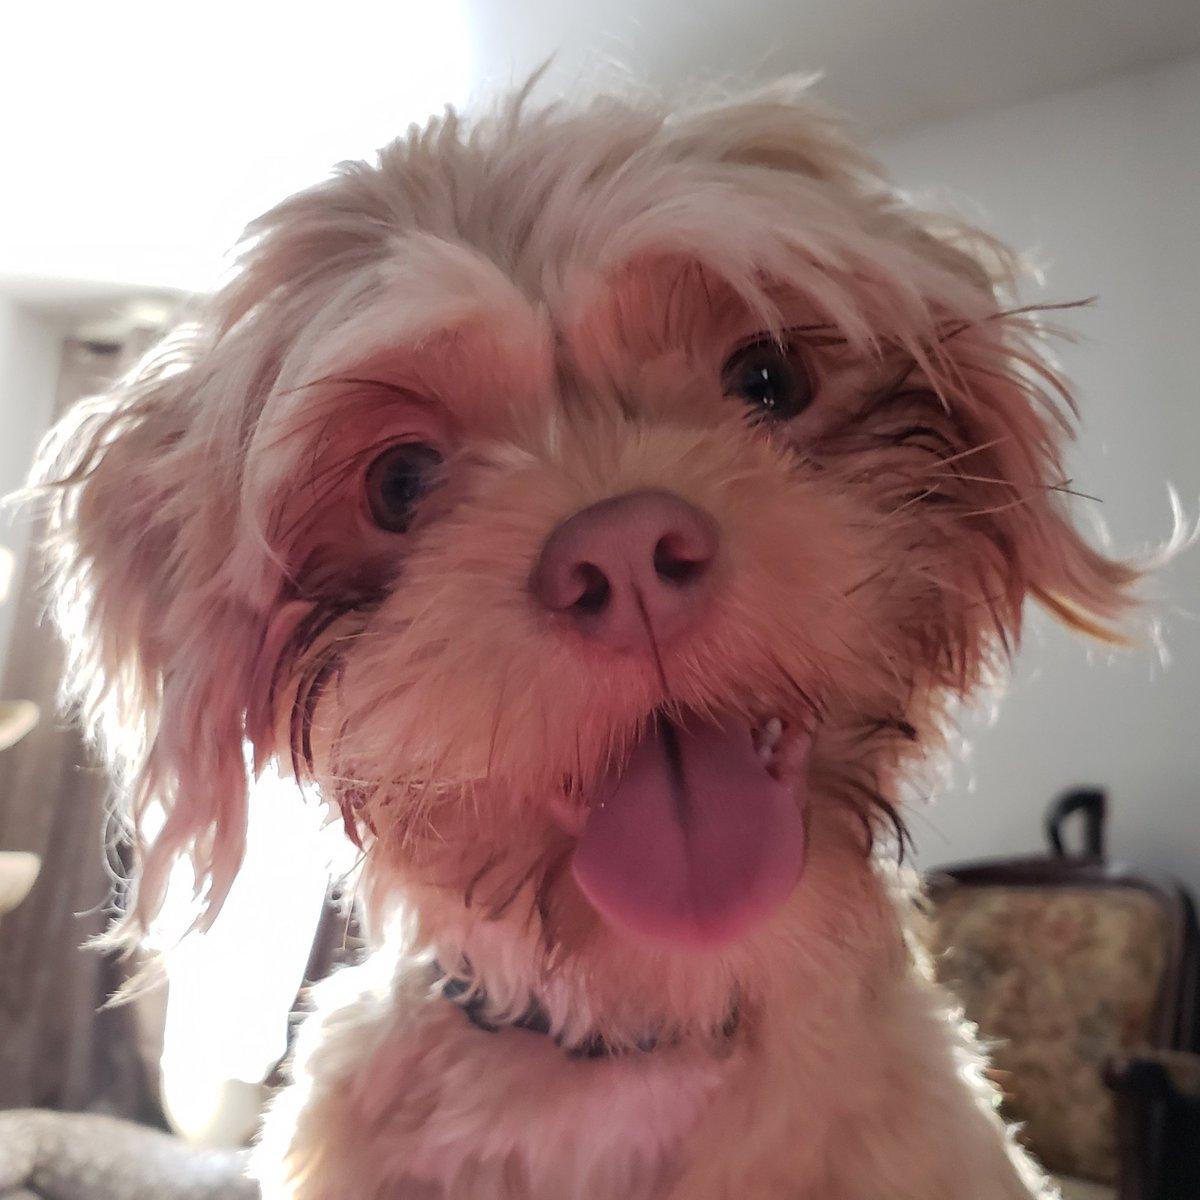 Joey loves to #smile #smilingdog #dogsmiles #lovestosmile #muppetdog #dog #dogs #cutedog #dogtongue #dogsarejoy #dogphoto #dogslovinglife #doglooks #dogsarelovepic.twitter.com/DRnQ0CQBfN